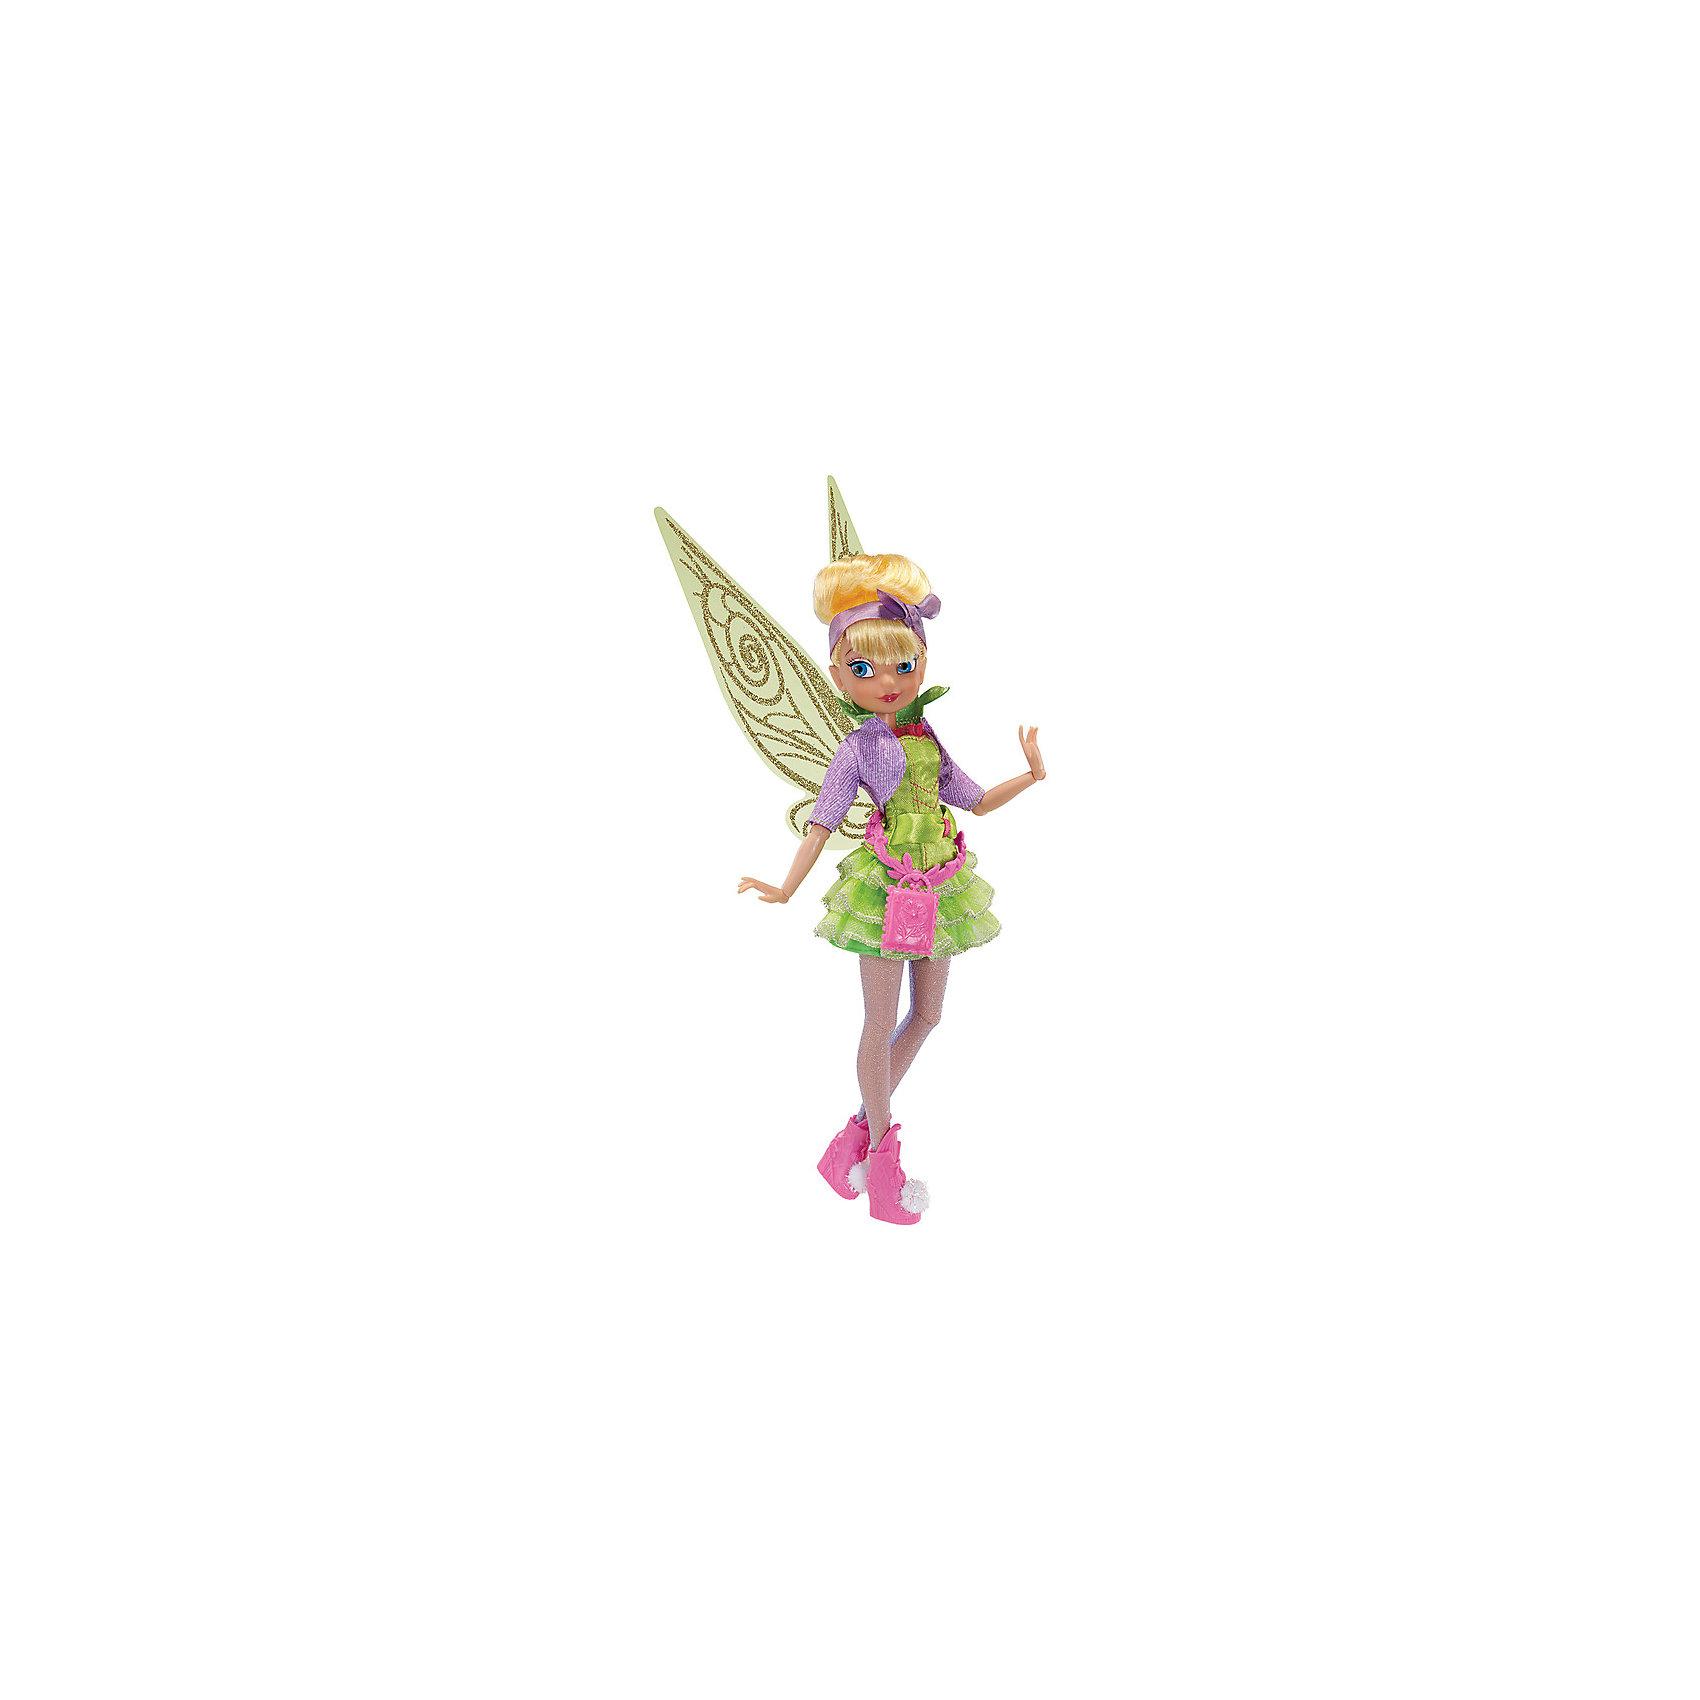 Фея Делюкс Jinn, 23 см,  Феи ДиснейФеи Дисней<br>Фея Делюкс, 23 см, Disney Fairies (Феи Дисней) – это волшебные феи Дисней в шикарных пиратских нарядах.<br>В этих наборах – уникальные феи Дисней в нарядах из мультфильма «Тайны пиратского острова». У фей подвижные ручки и ножки на шарнирах, яркие платья в «пиратском» стиле, безупречные прически, красивые сапожки и большие блестящие крылья, которые можно легко отстегнуть. Купи одну из трех куколок фей – Динь-Динь, Незабудку или Розетту и разгадай тайну загадочного острова!<br><br>Дополнительная информация:<br><br>- Крылышки отстегиваются<br>- Высота каждой куколки: 23 см.<br>- Феи поставляются в прозрачной упаковке<br><br>Куклу Фея Делюкс, 23 см, Disney Fairies (Феи Дисней) можно купить в нашем интернет-магазине.<br><br>Ширина мм: 205<br>Глубина мм: 335<br>Высота мм: 65<br>Вес г: 410<br>Возраст от месяцев: 72<br>Возраст до месяцев: 144<br>Пол: Женский<br>Возраст: Детский<br>SKU: 4849969